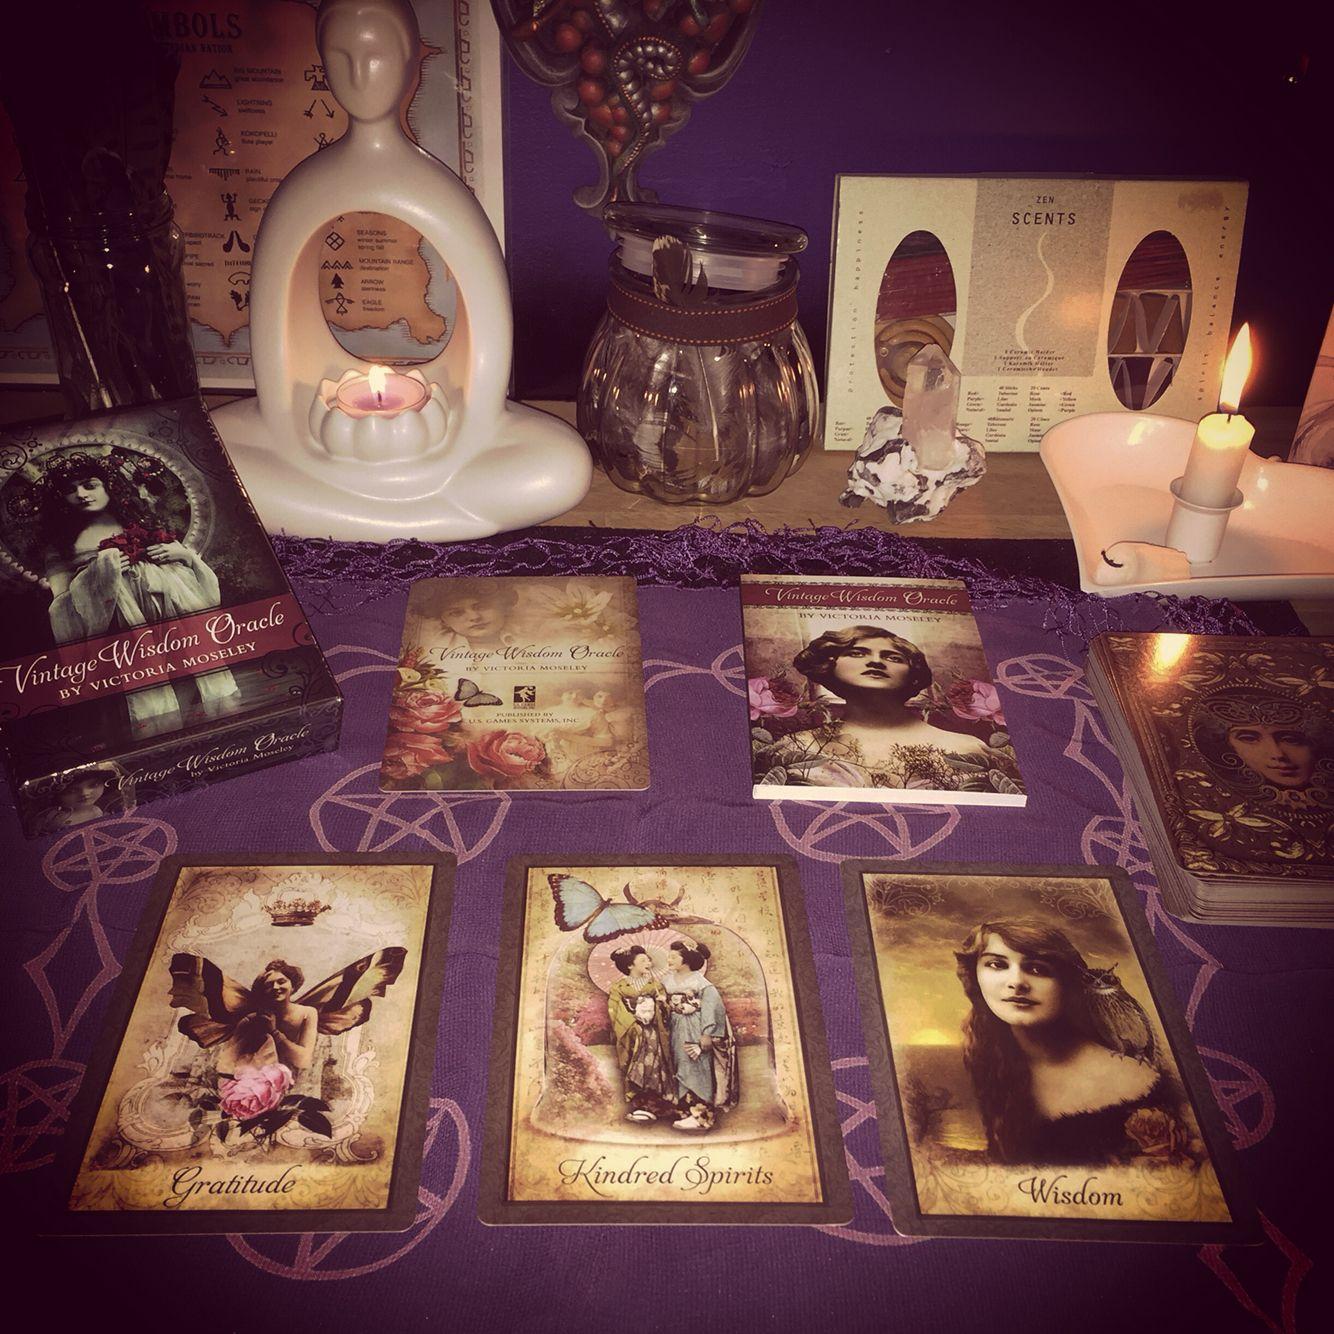 Vintage wisdom oracle cards